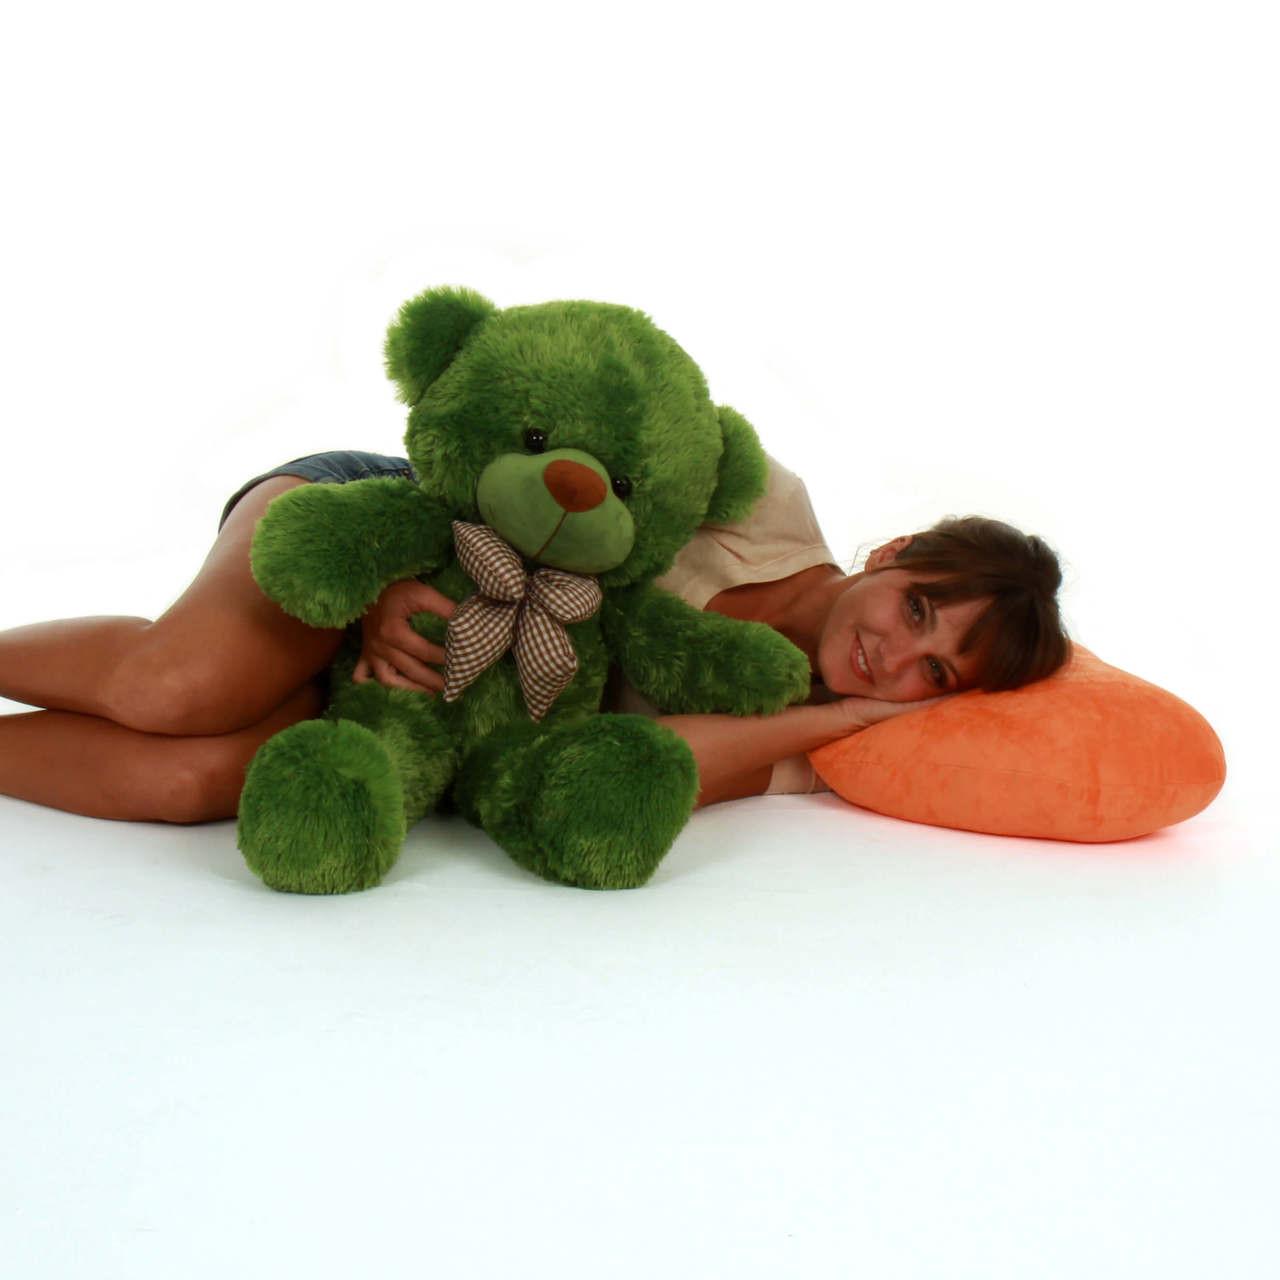 Big Green Teddy Bear Lucky Cuddles 30in